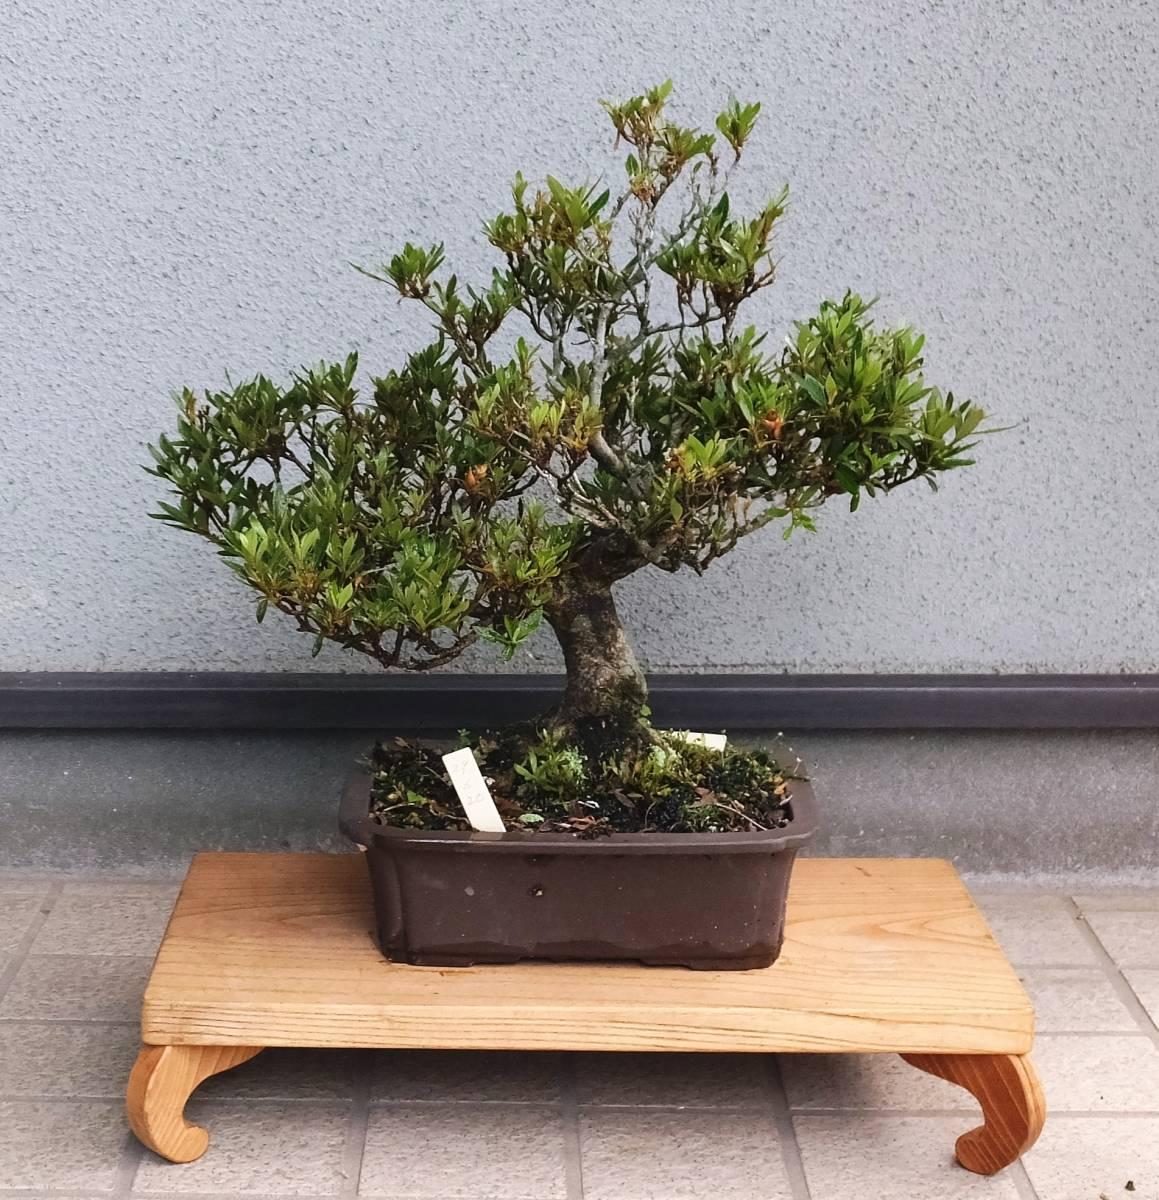 盆栽 小品盆栽 ミニ盆栽 [さつき 皐月 松の誉] 鉢植え日:昭和29年6月